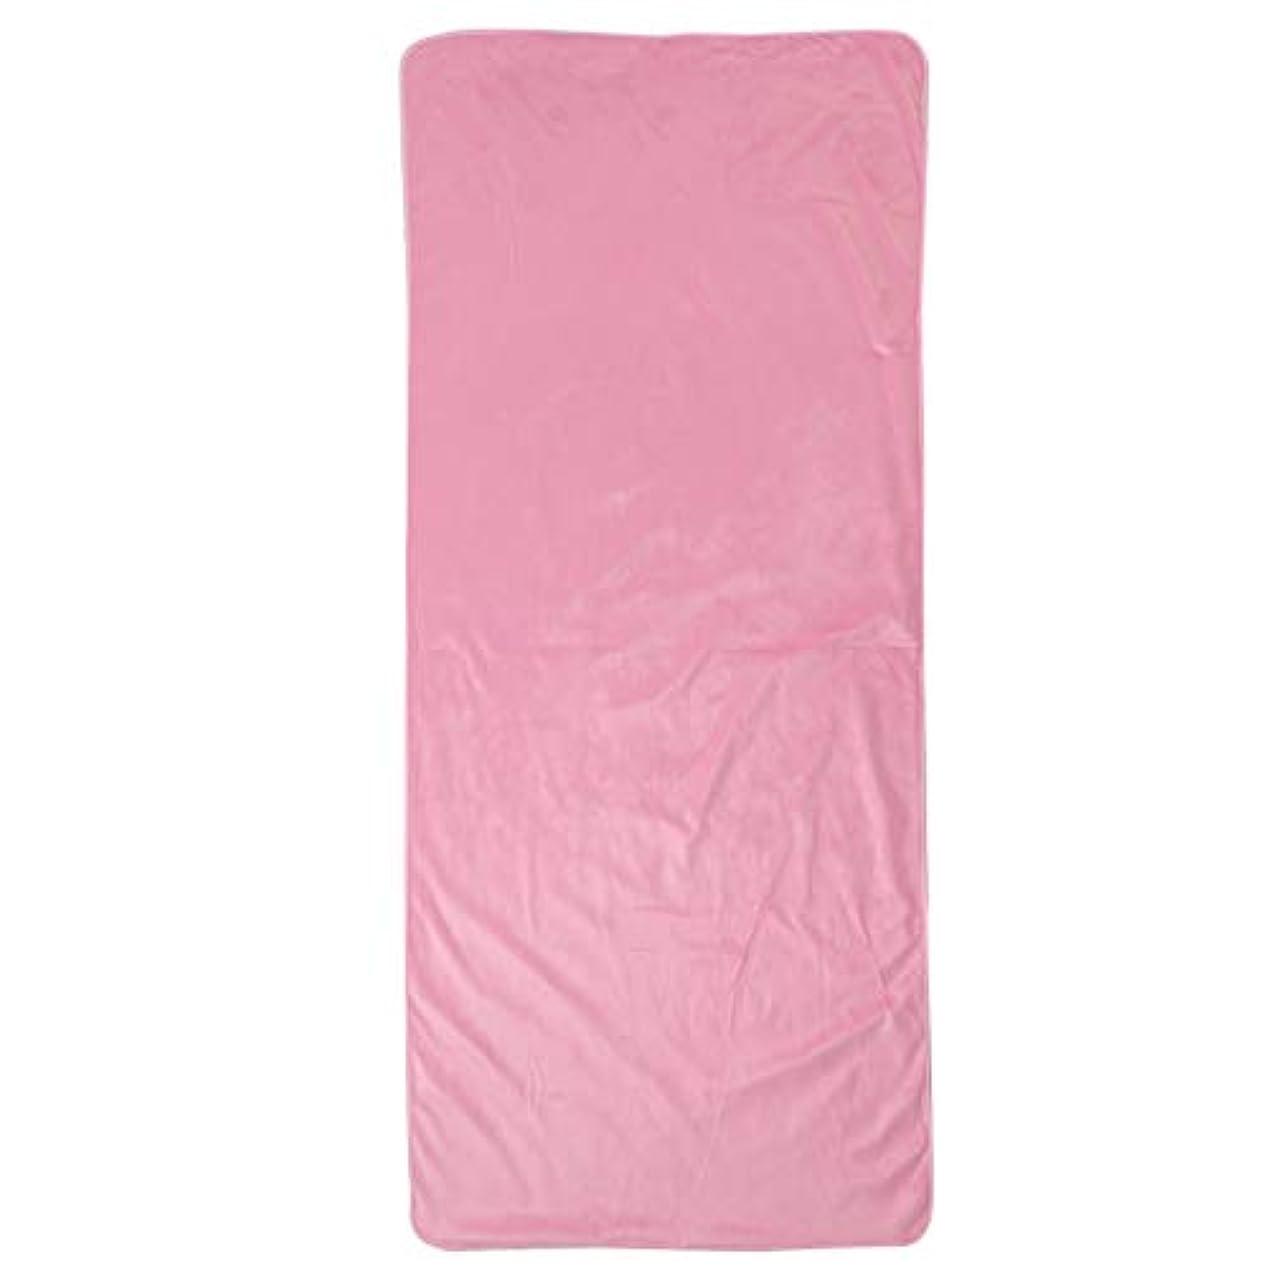 あらゆる種類のコンサルタントトーナメントマッサージベッドカバー スパ 美容ベッド エステベッドシーツ 通気性 快適